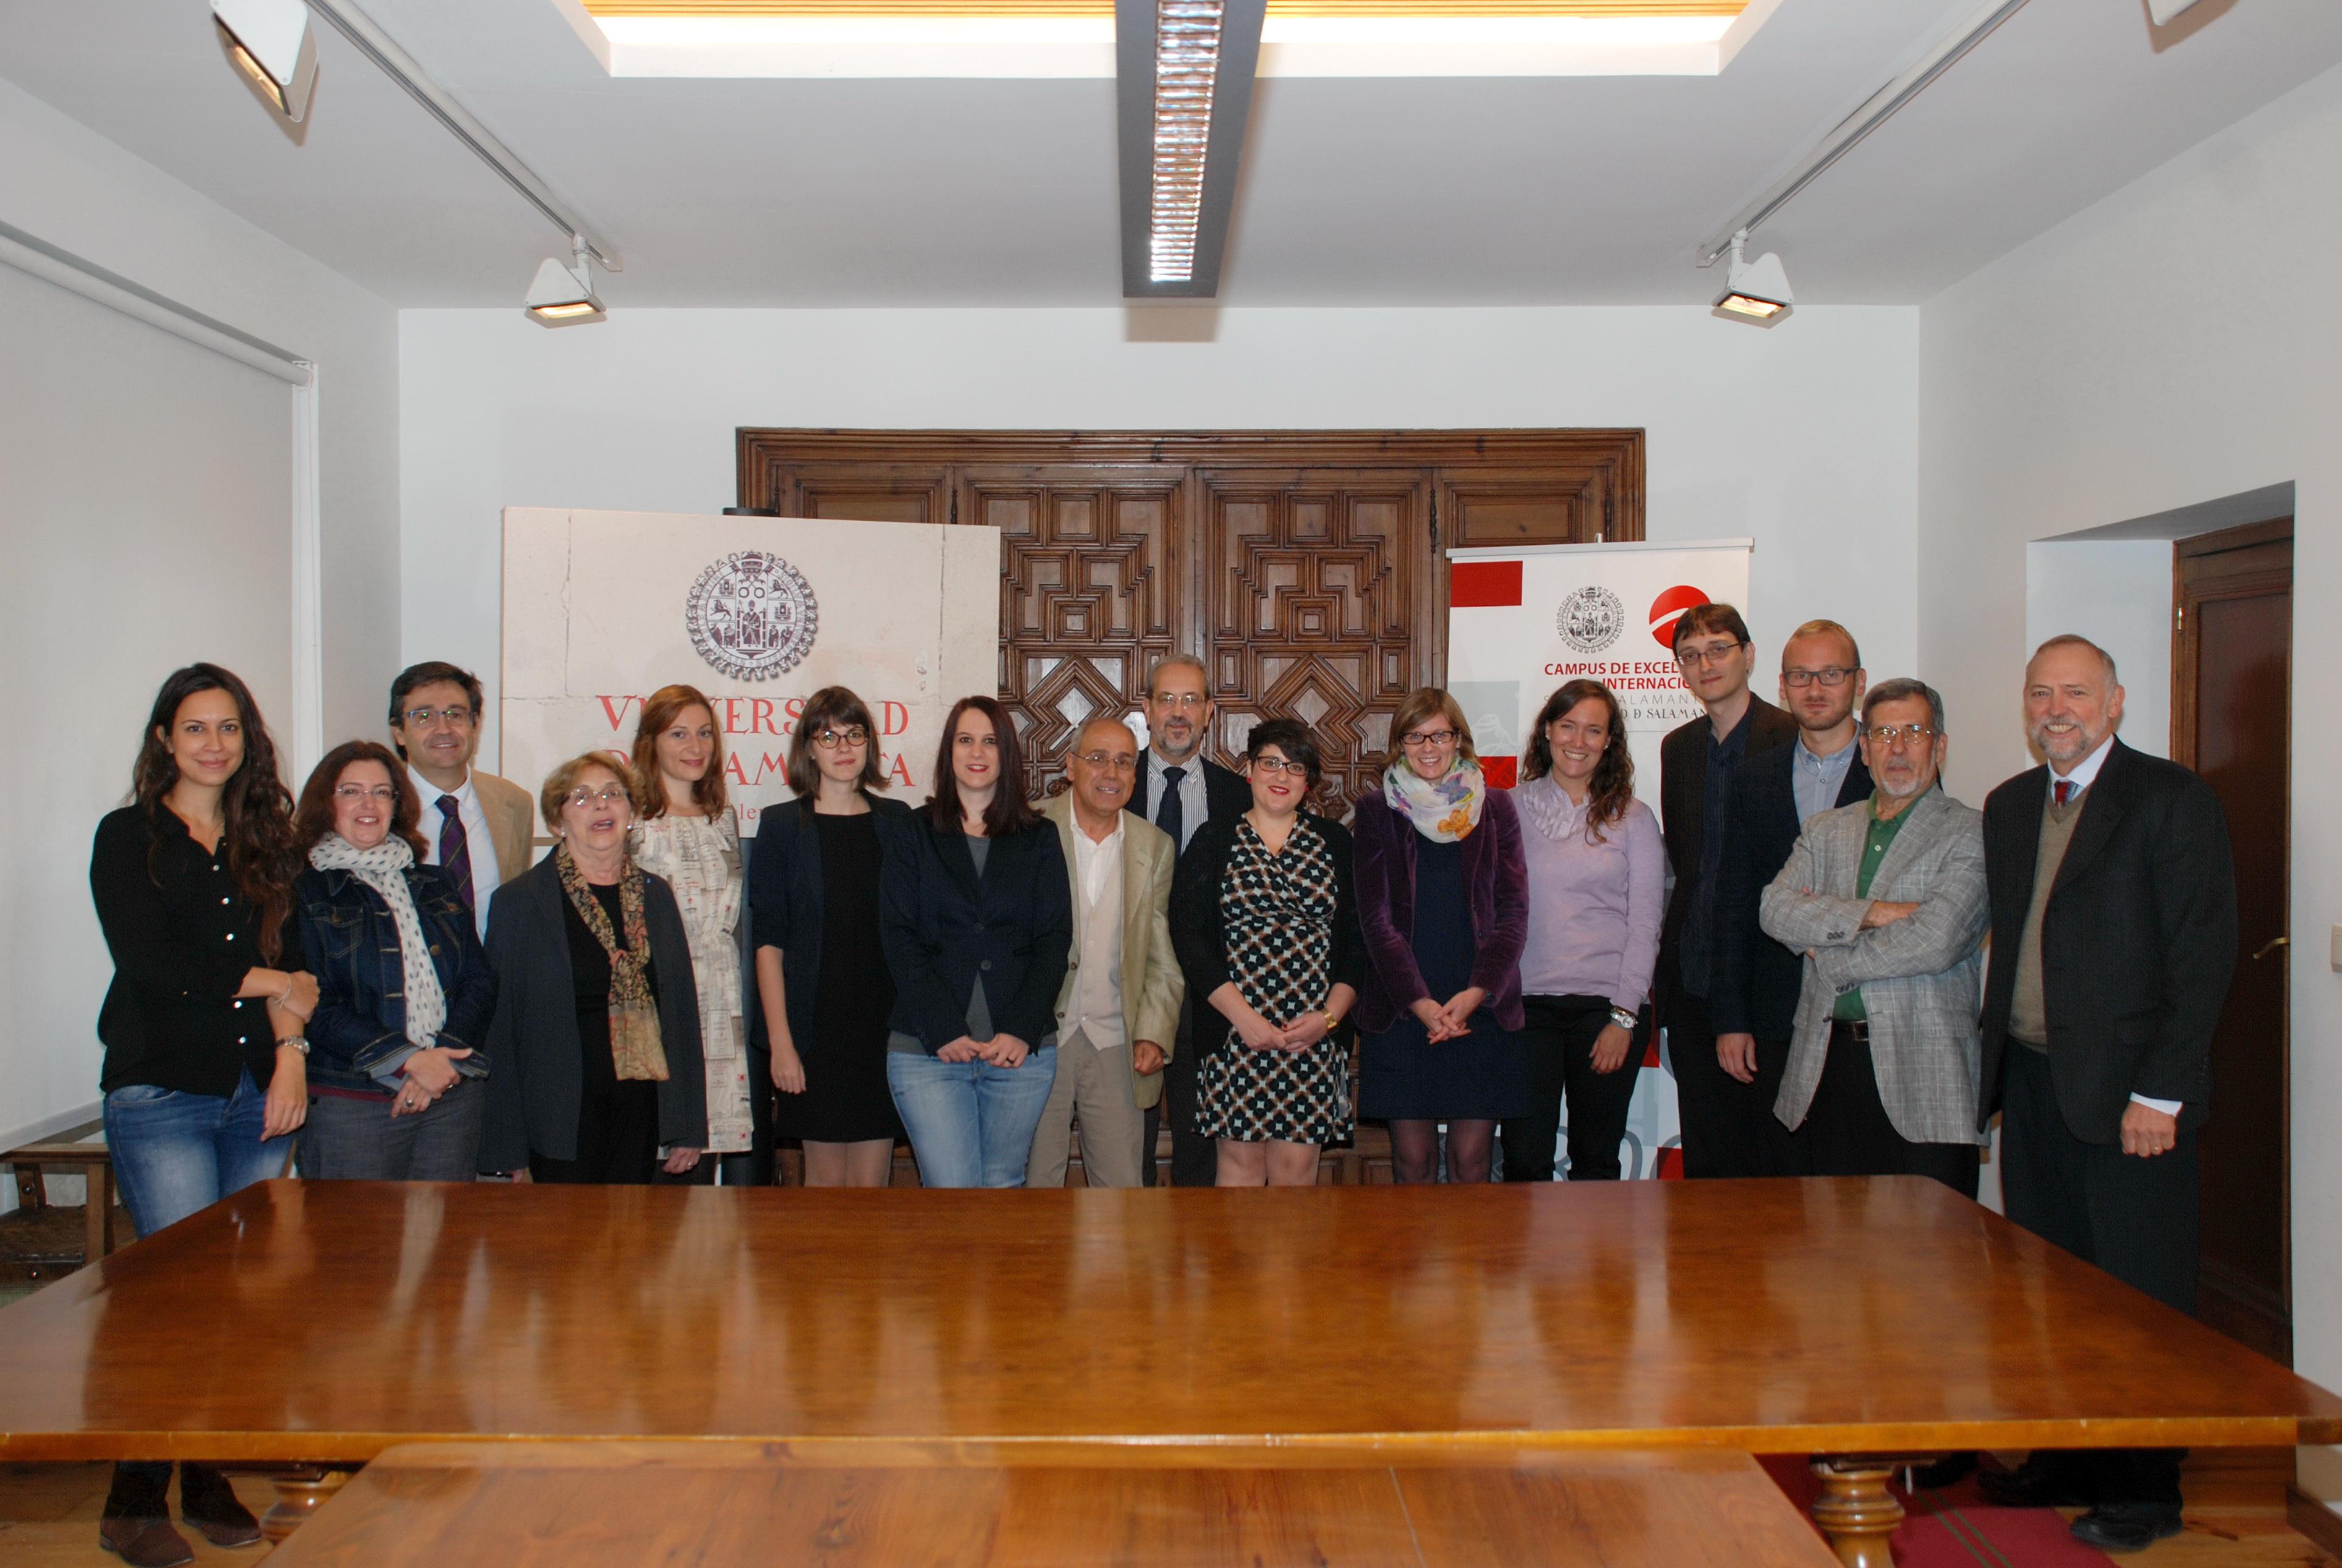 El rector recibe a los investigadores y profesores visitantes internacionales de la Cátedra de Altos Estudios del Español